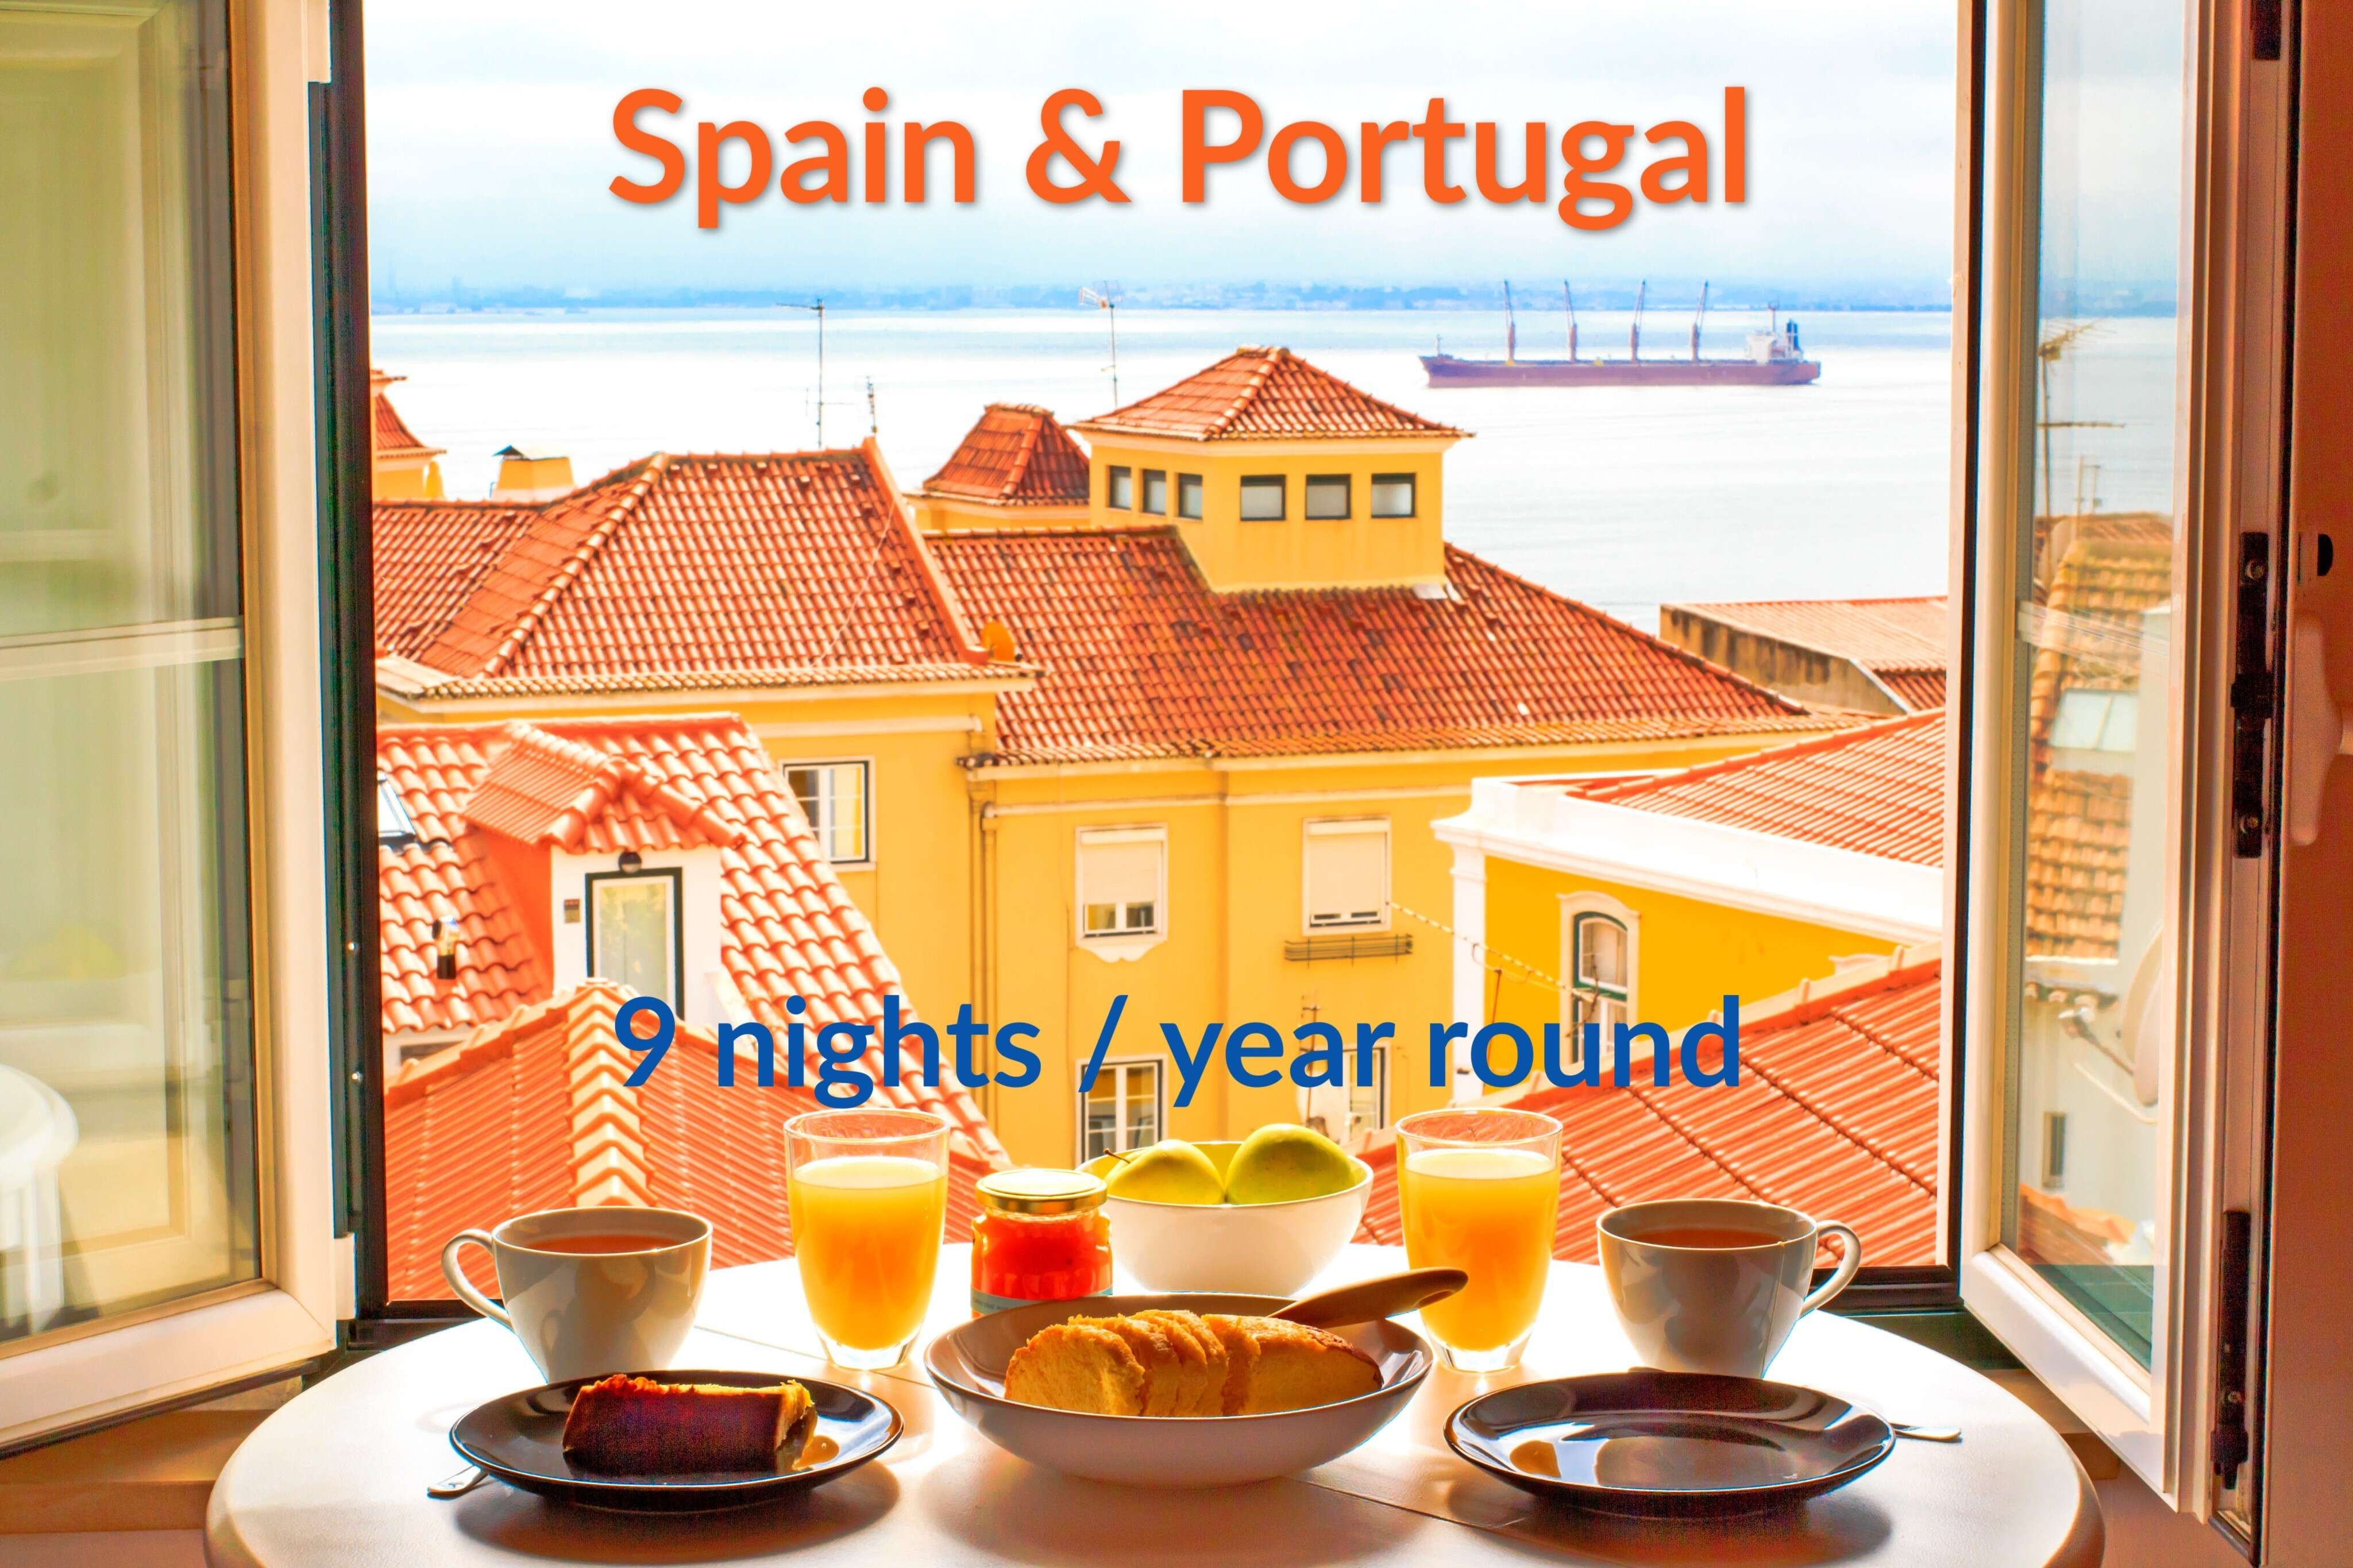 Spain & Portugal Honeymoon Package